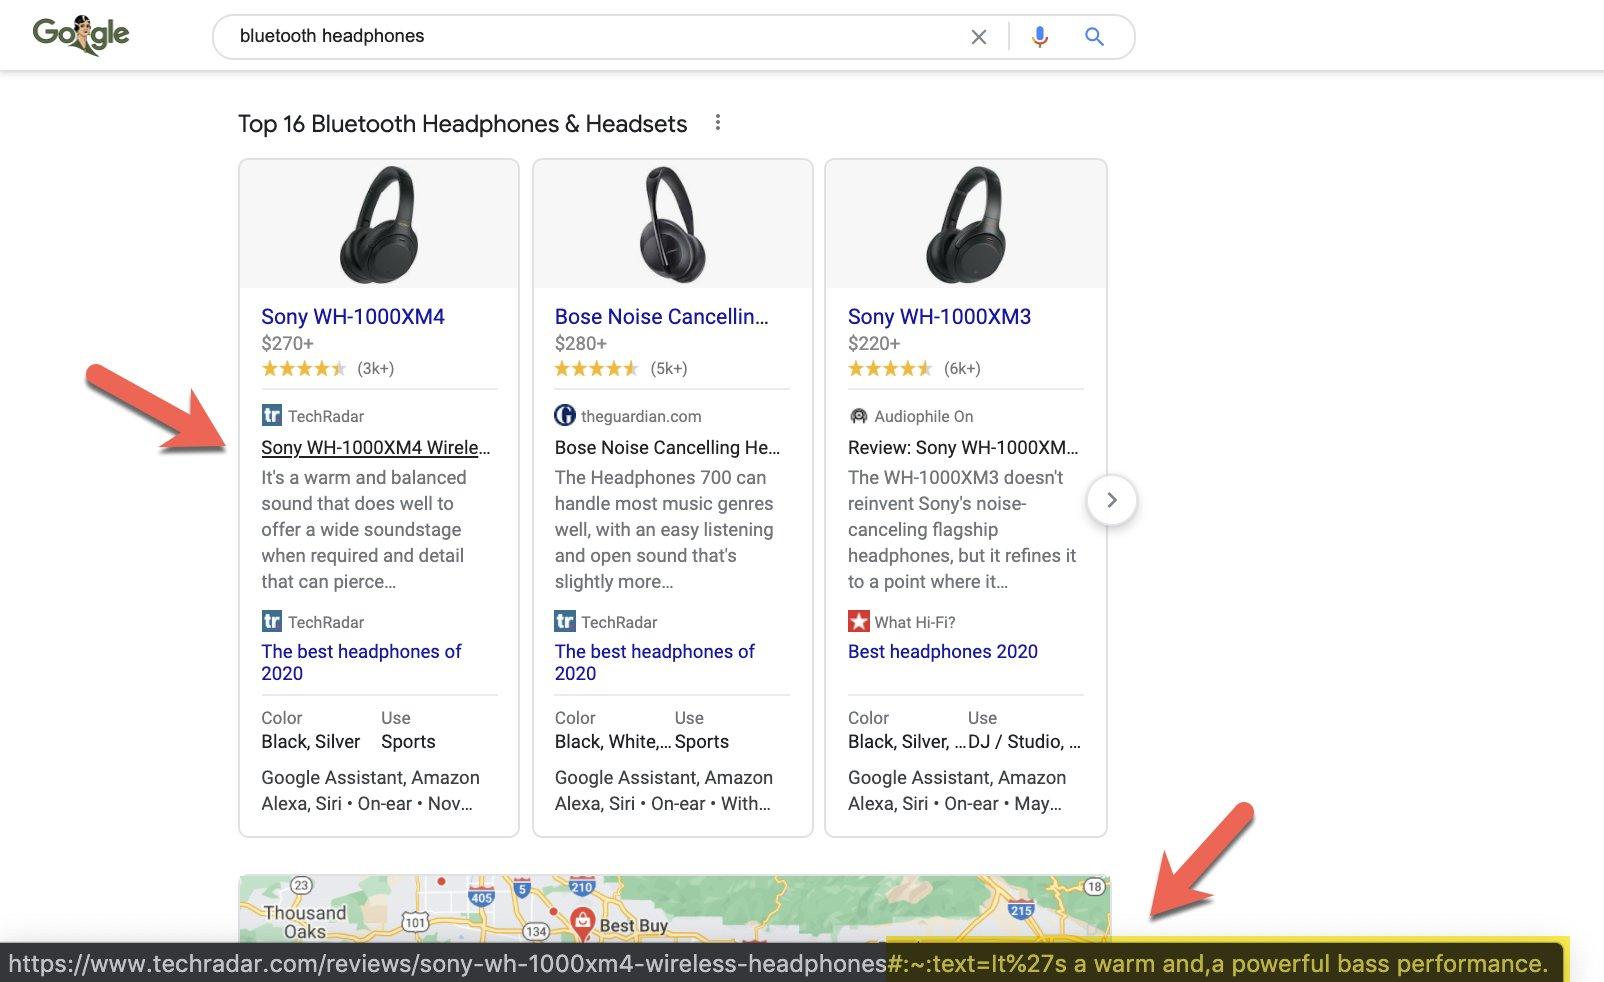 Google розширив функцію прокрутки на товарні оголошення